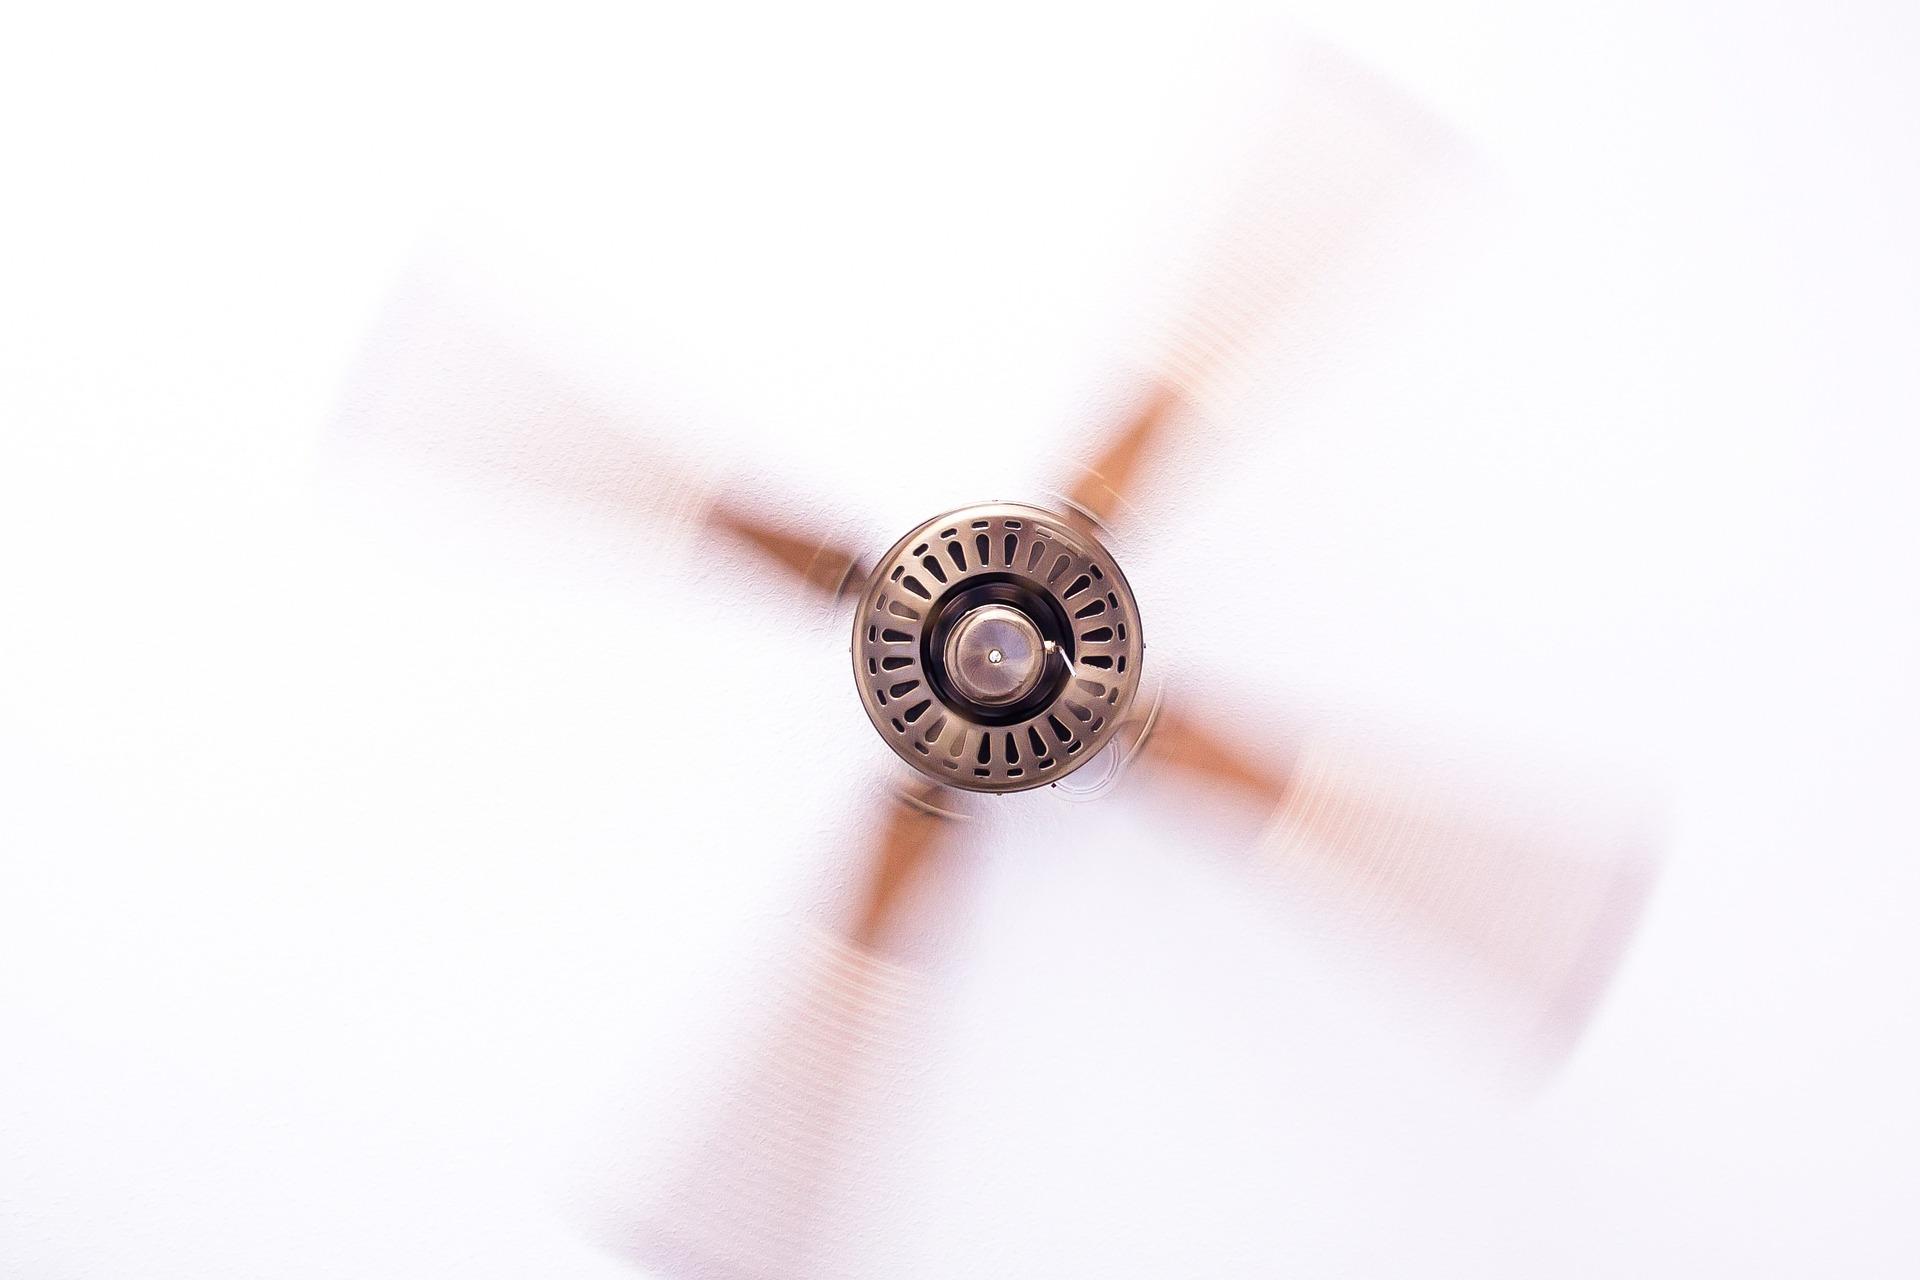 ceiling-fan-571309_1920.jpg